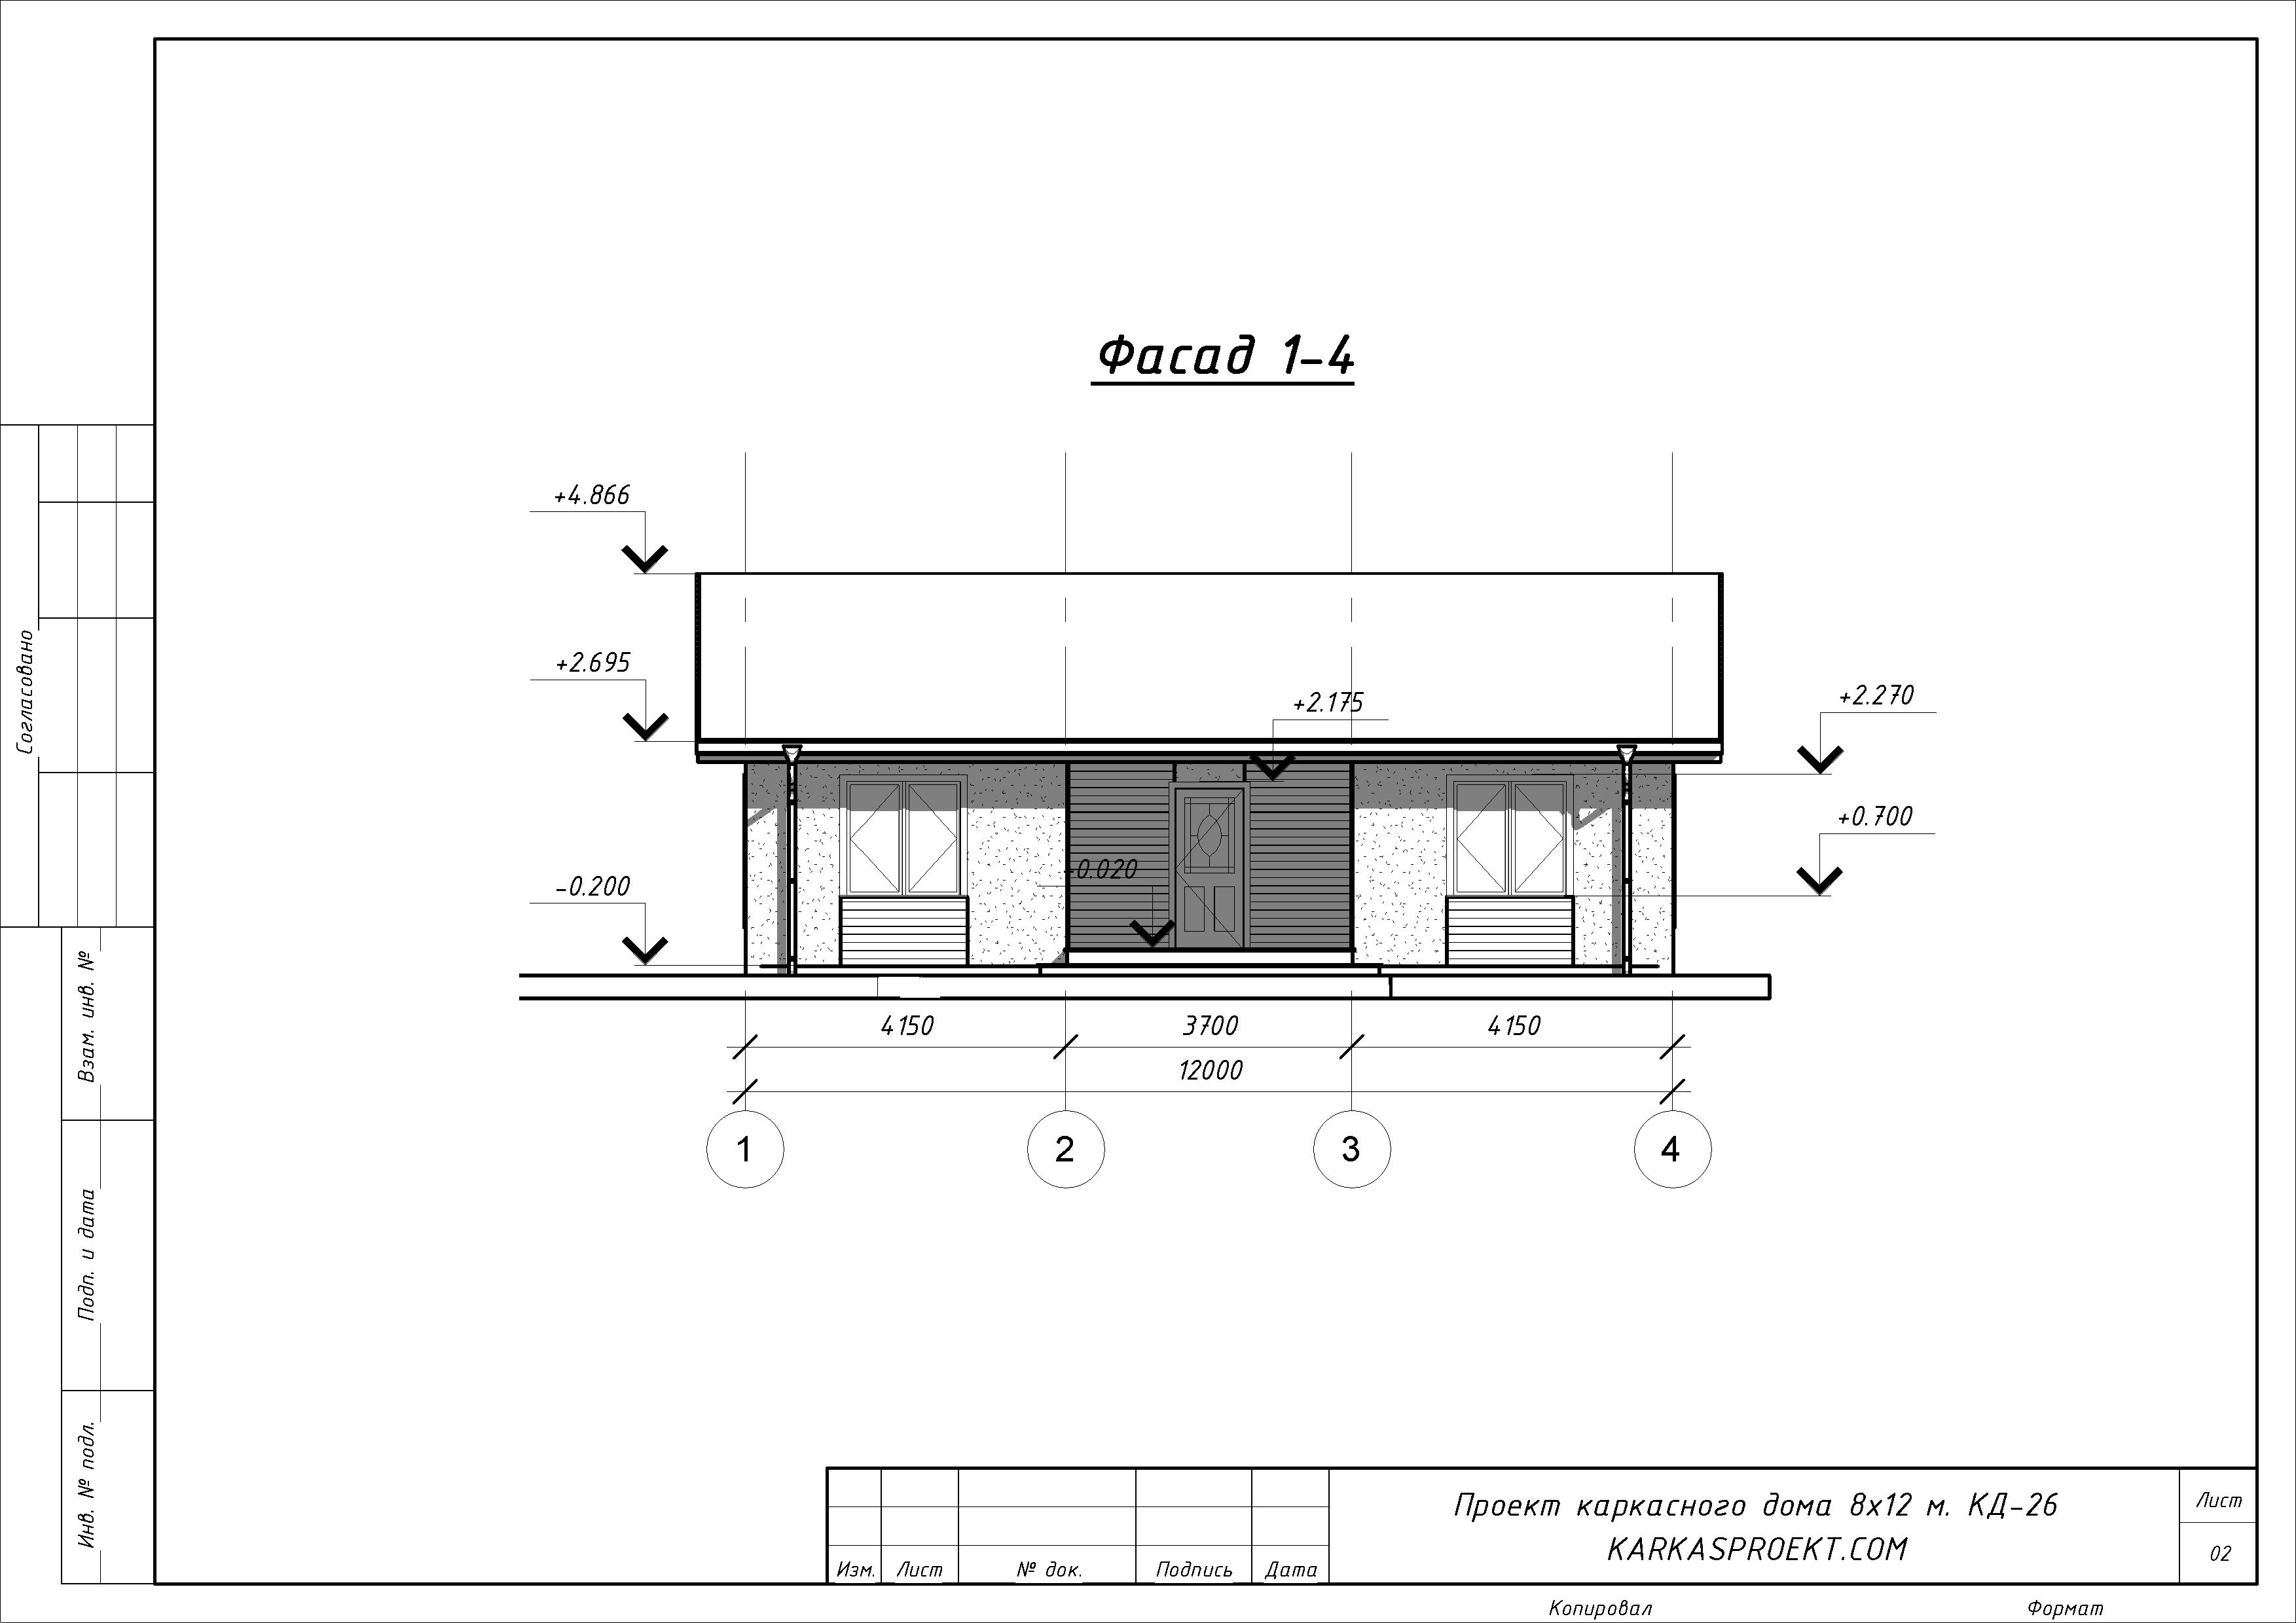 КД-26 Фасад 1-4